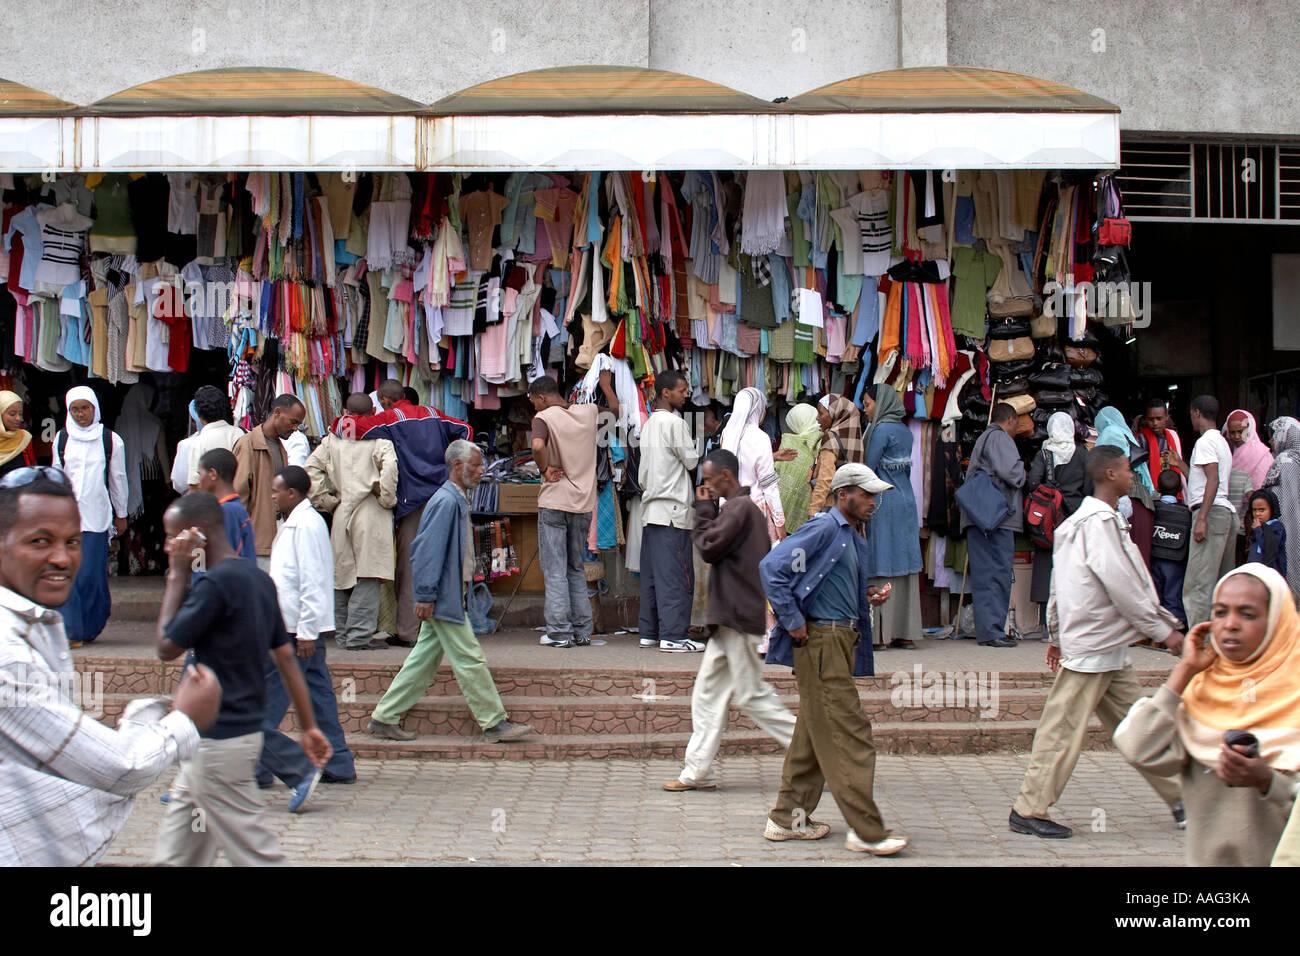 Fashion in Addis Ketema